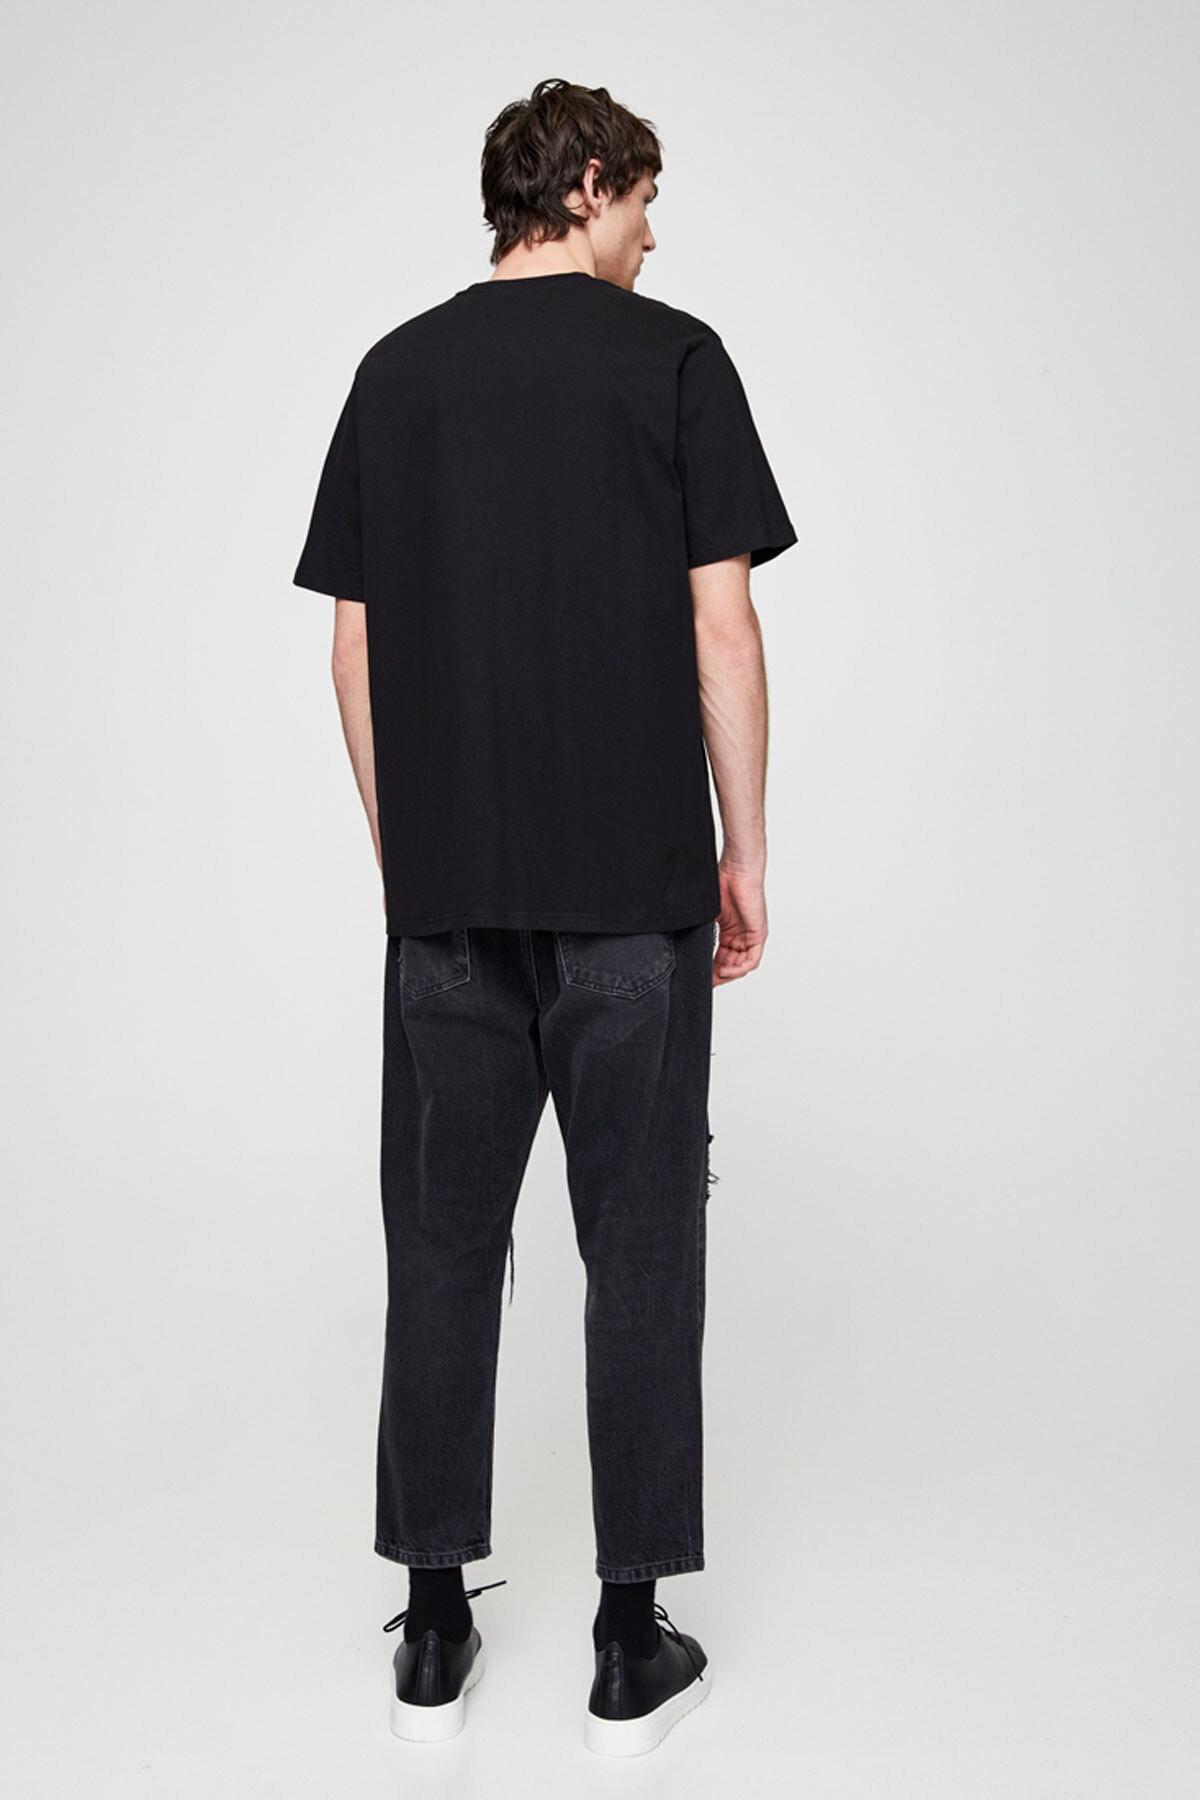 Pull & Bear Erkek Siyah Join Life Basic T-Shirt 09244500 1